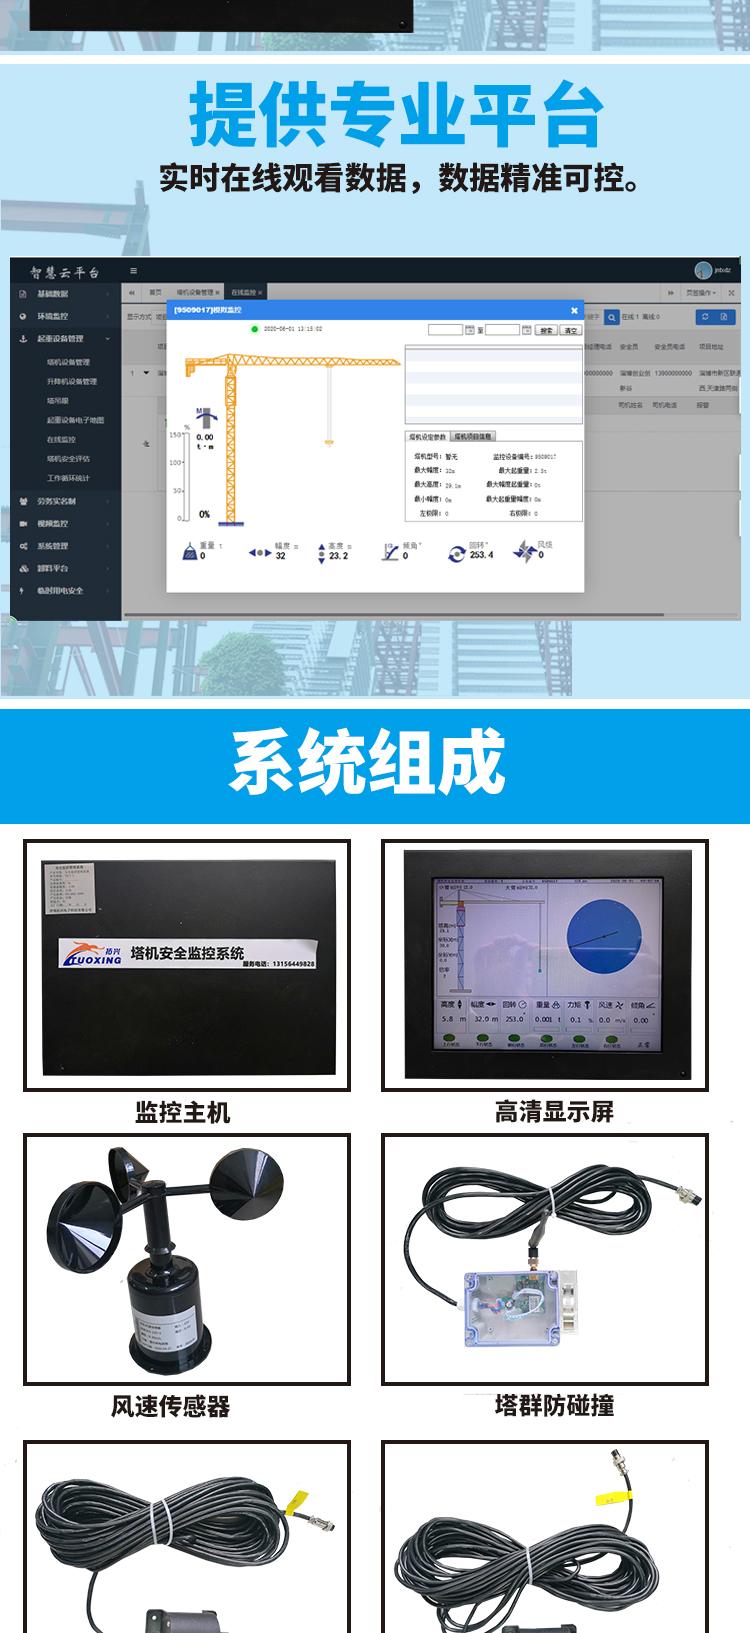 浙江塔机安全监测系统系统